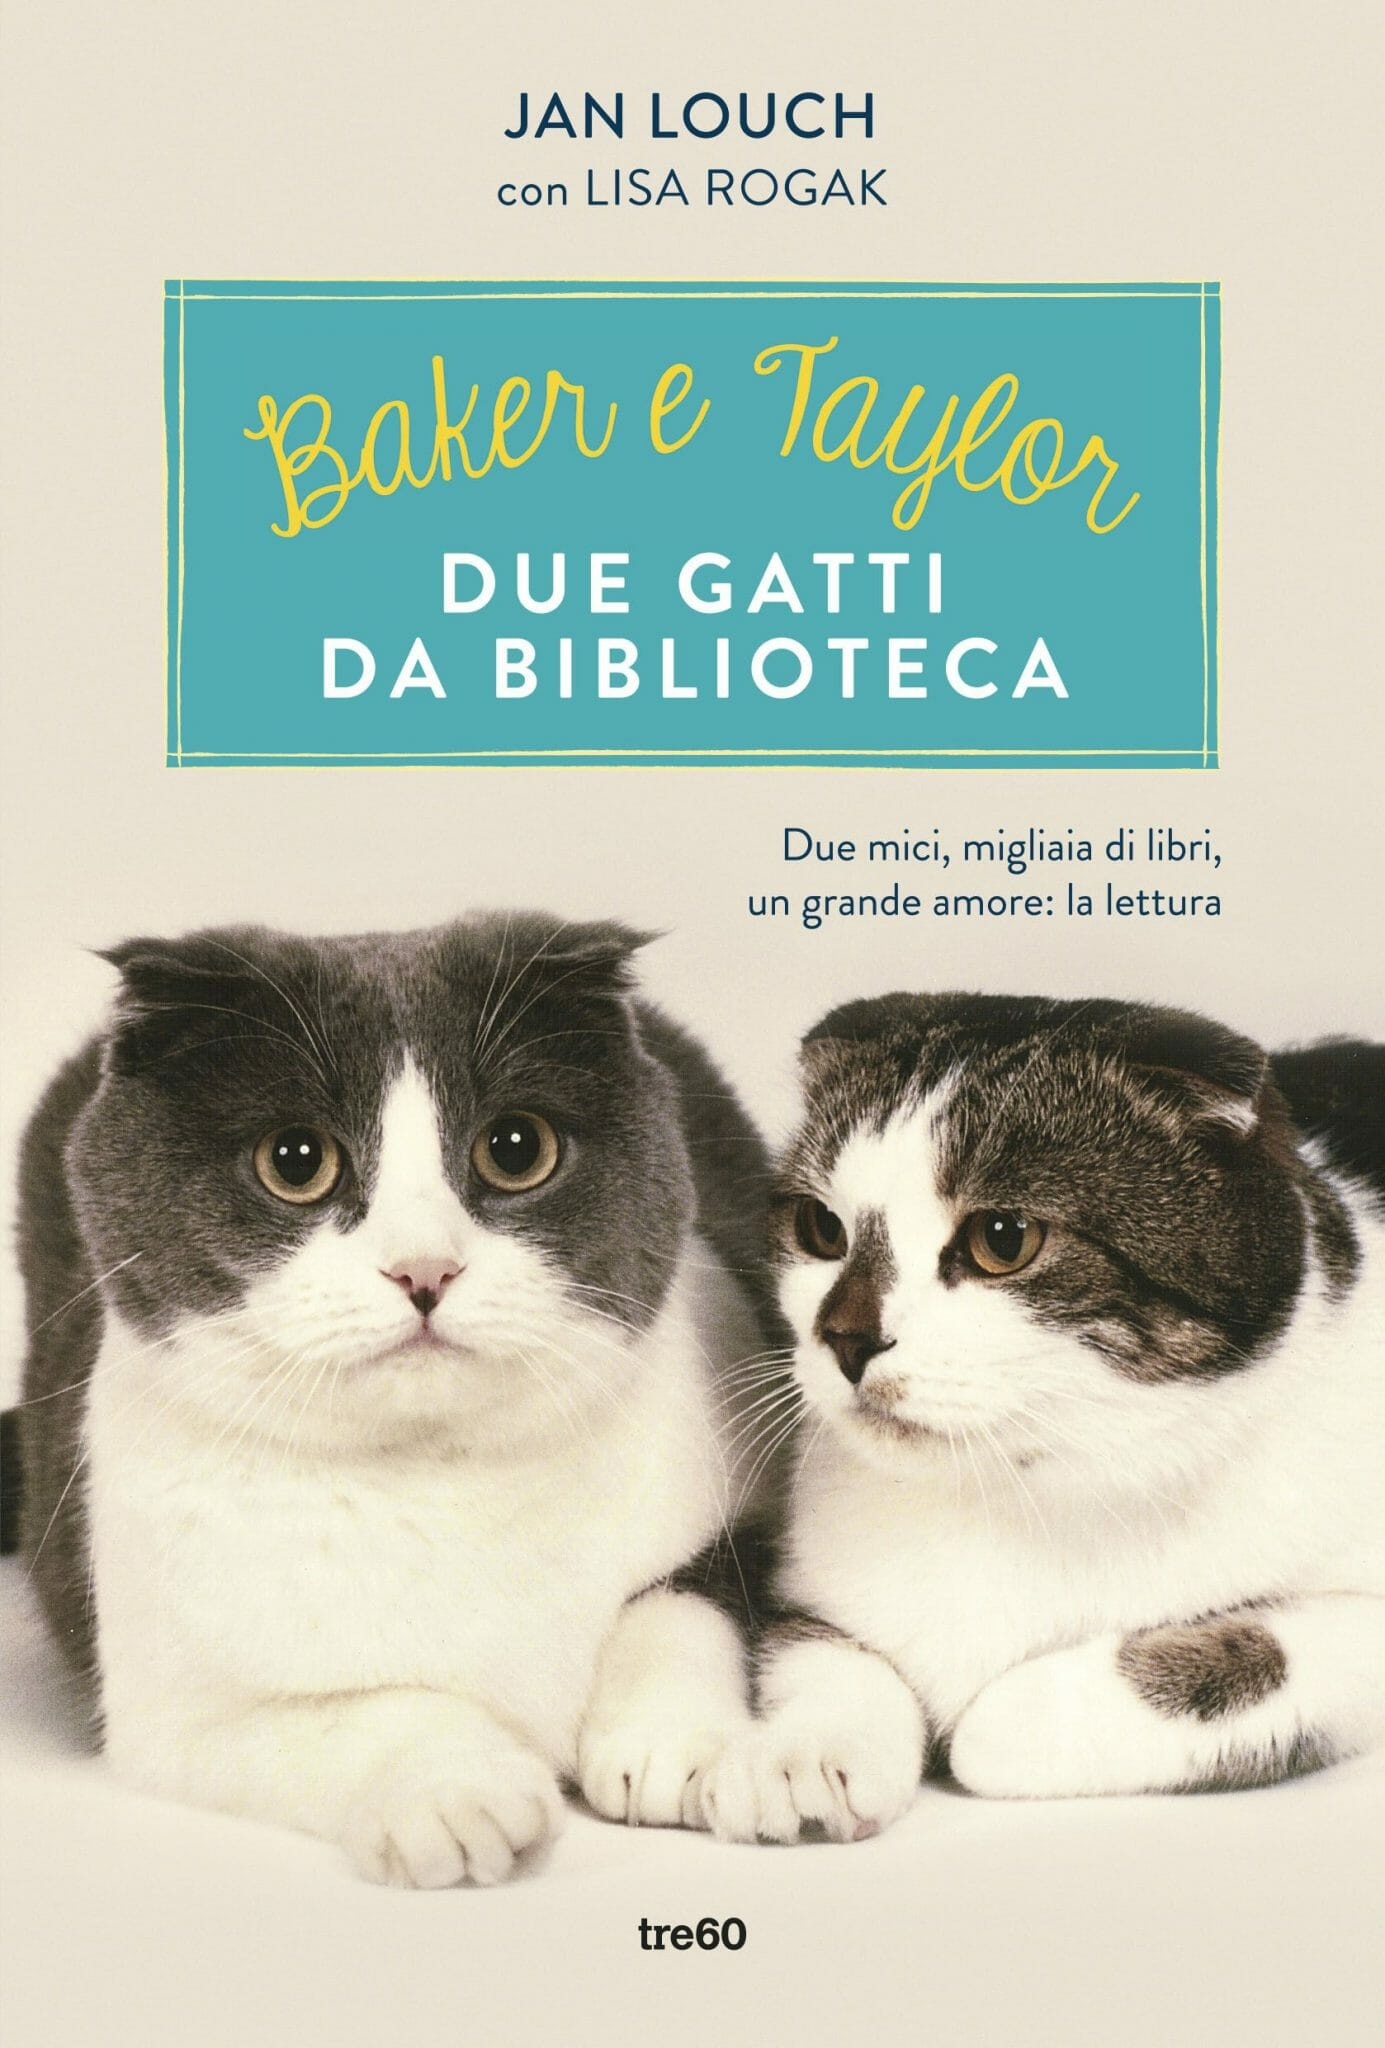 Due gatti da biblioteca_Esec.indd